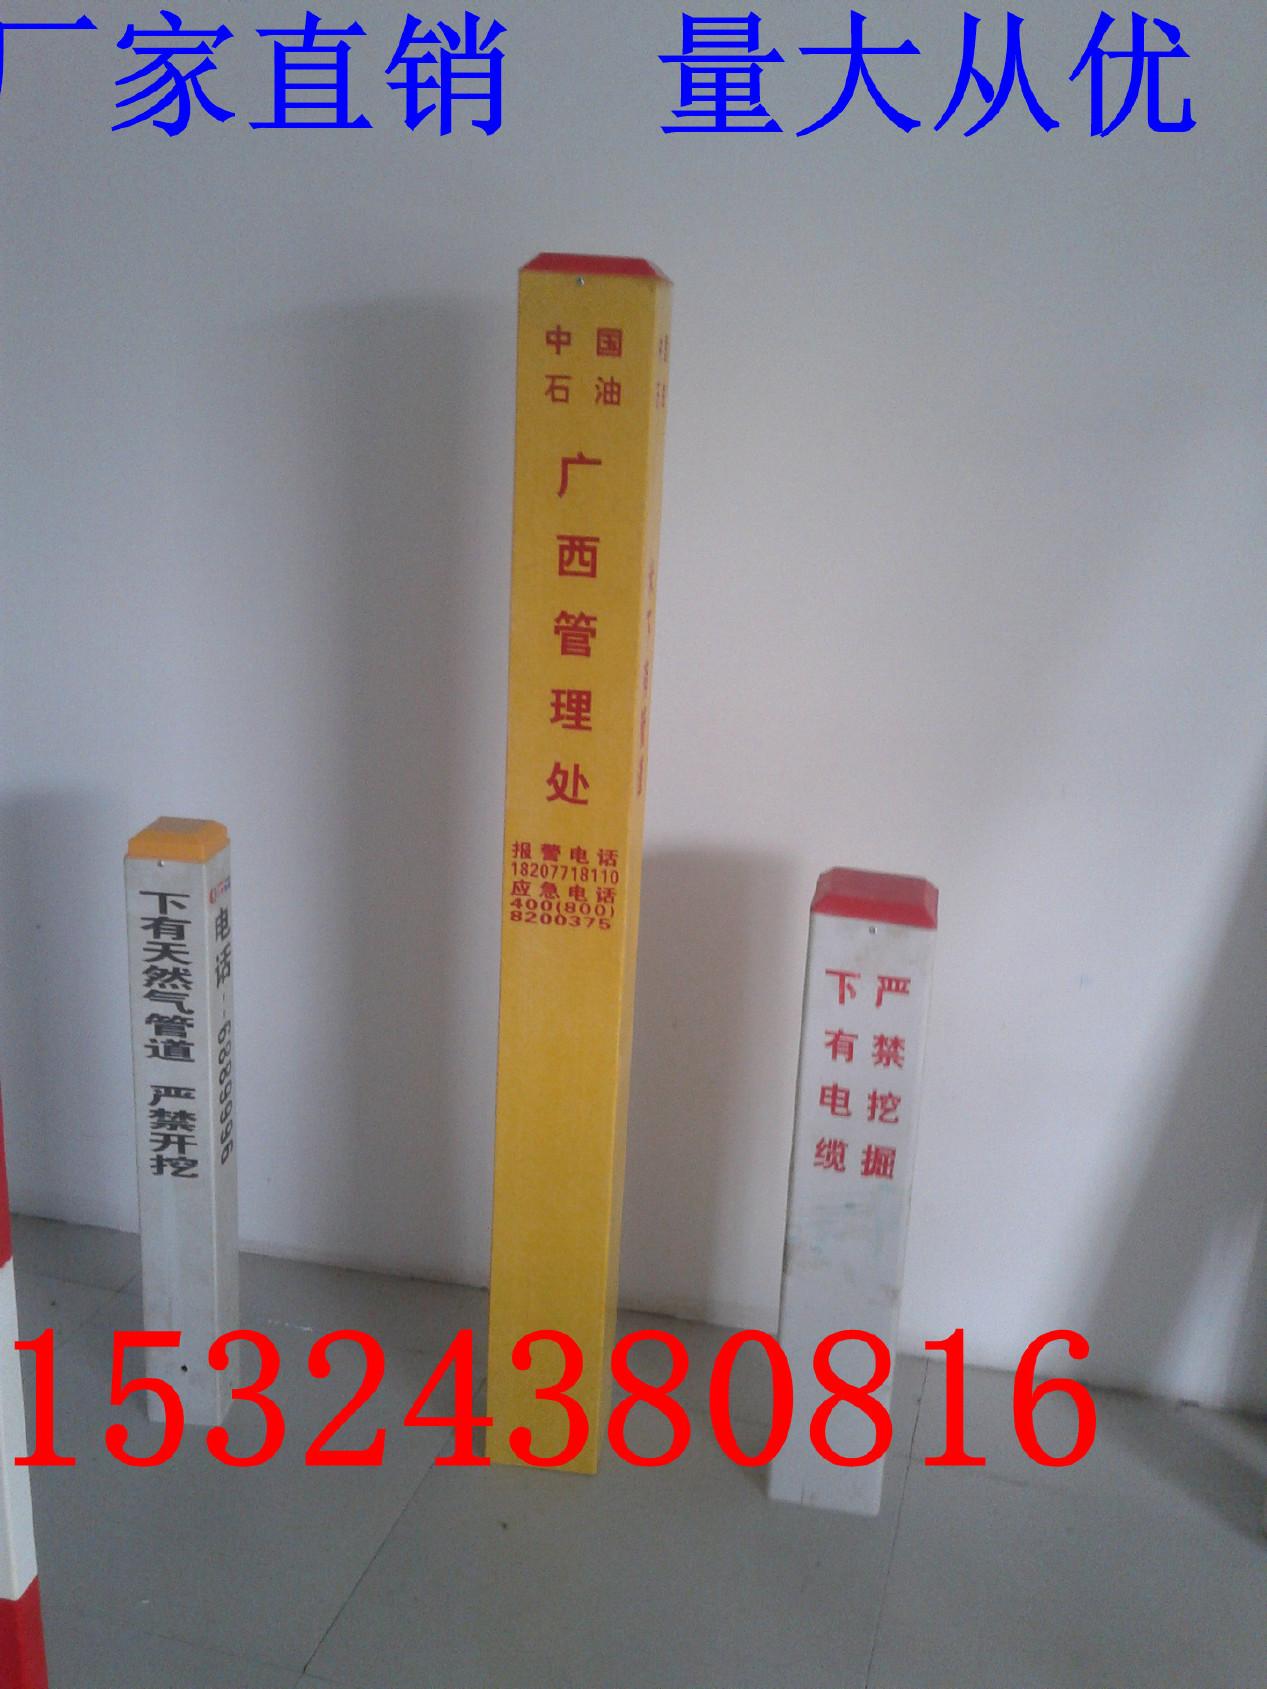 1166784522_2054412006.jpg